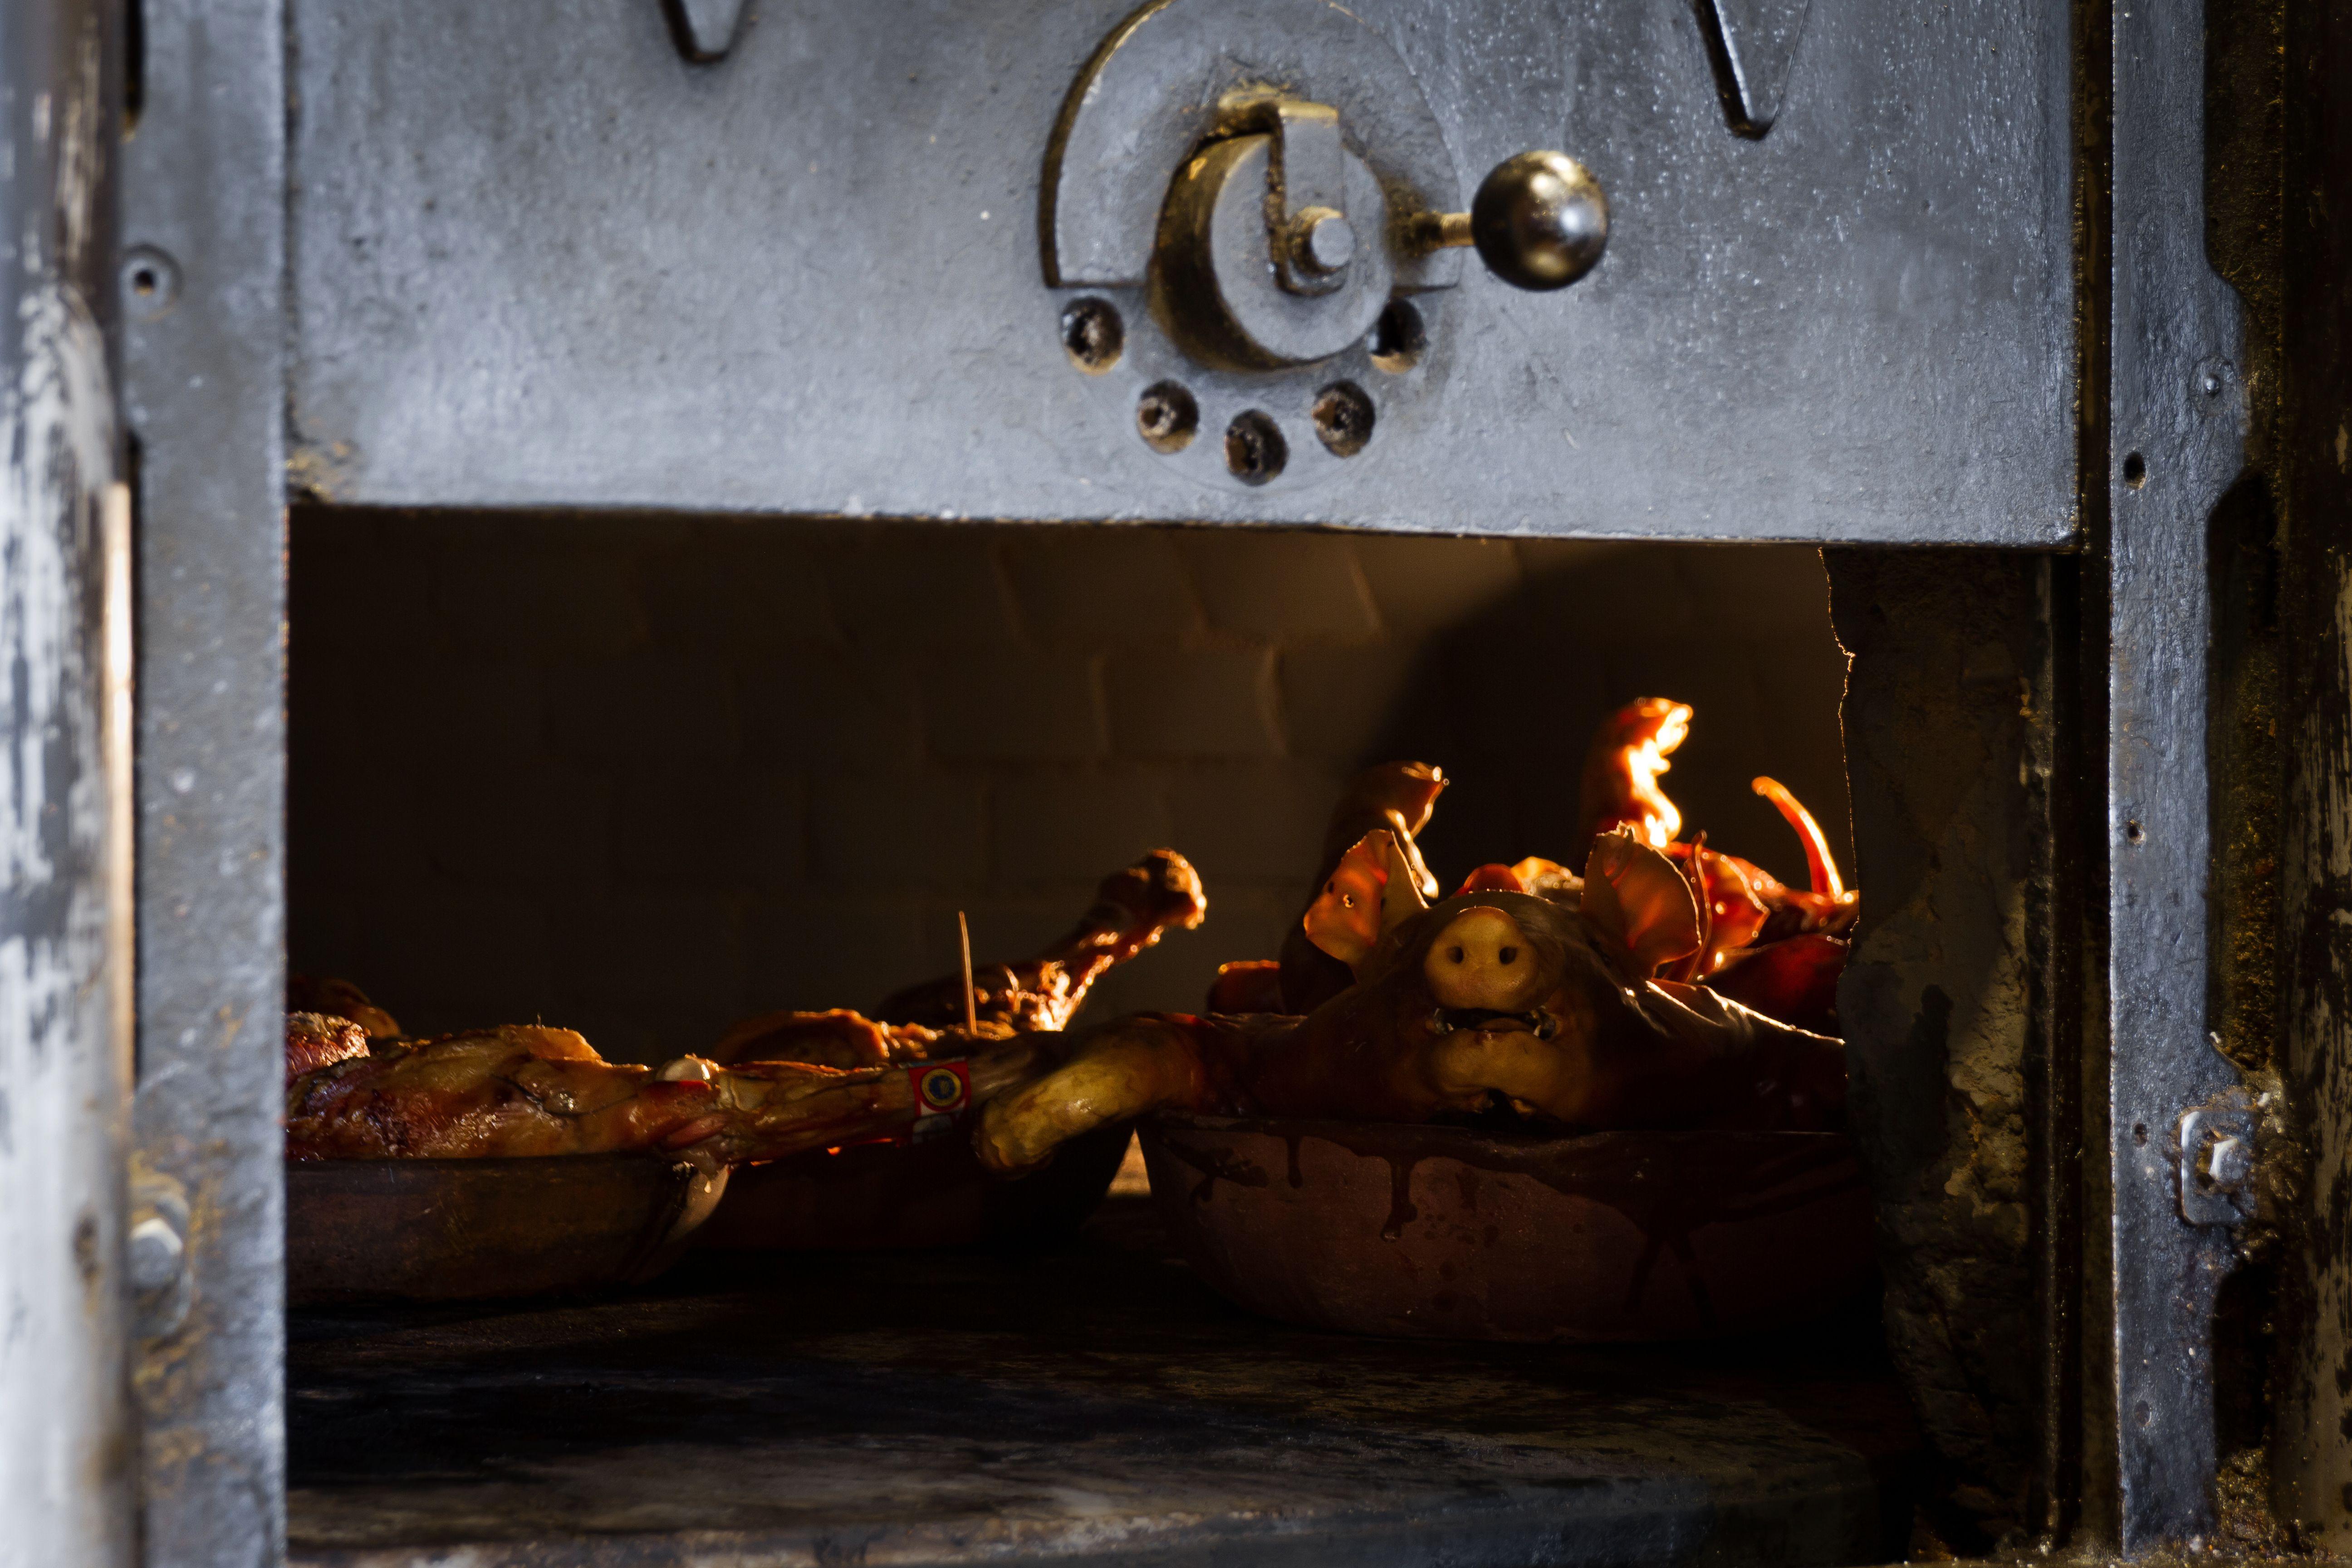 Foto 16 de Asador especializado en cordero y cochinillo en Segovia en Segovia   Asador Maribel